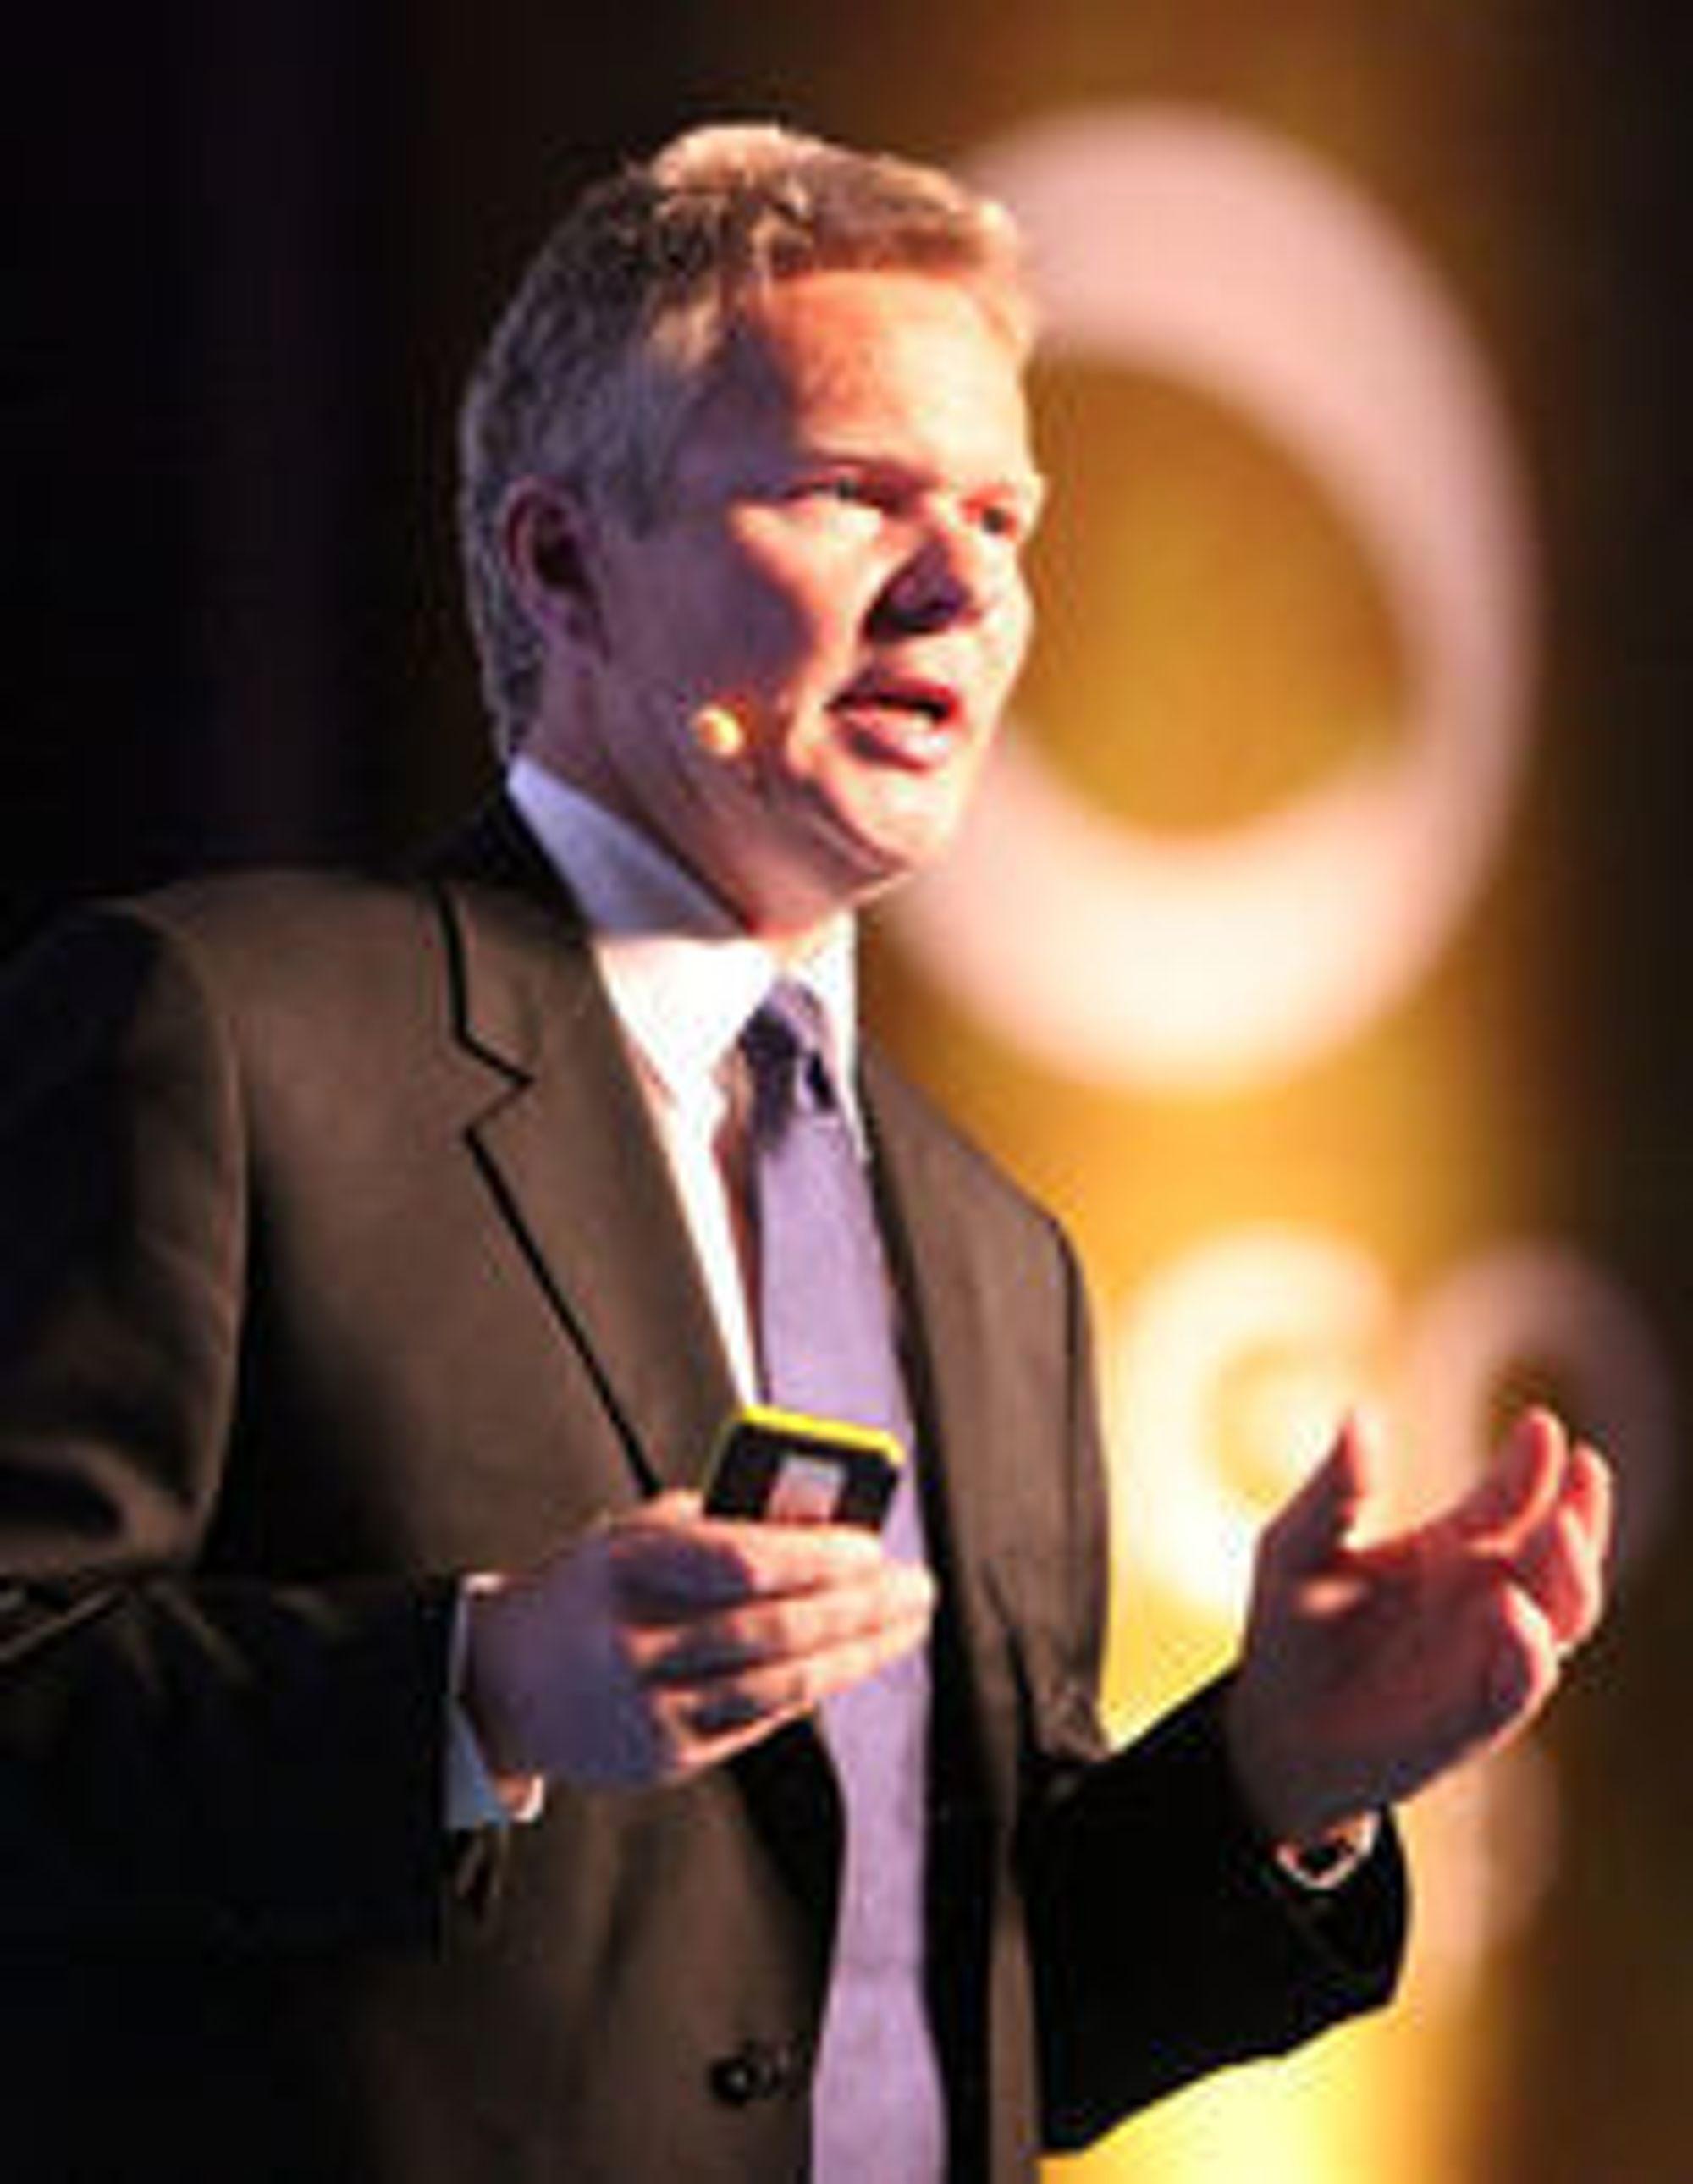 Veien tilbake til tilfredsstillende lønnsomhet i den norske driftsvirksomheten vil ta tid, advarer Ergogroup-sjef Terje Mjøs.